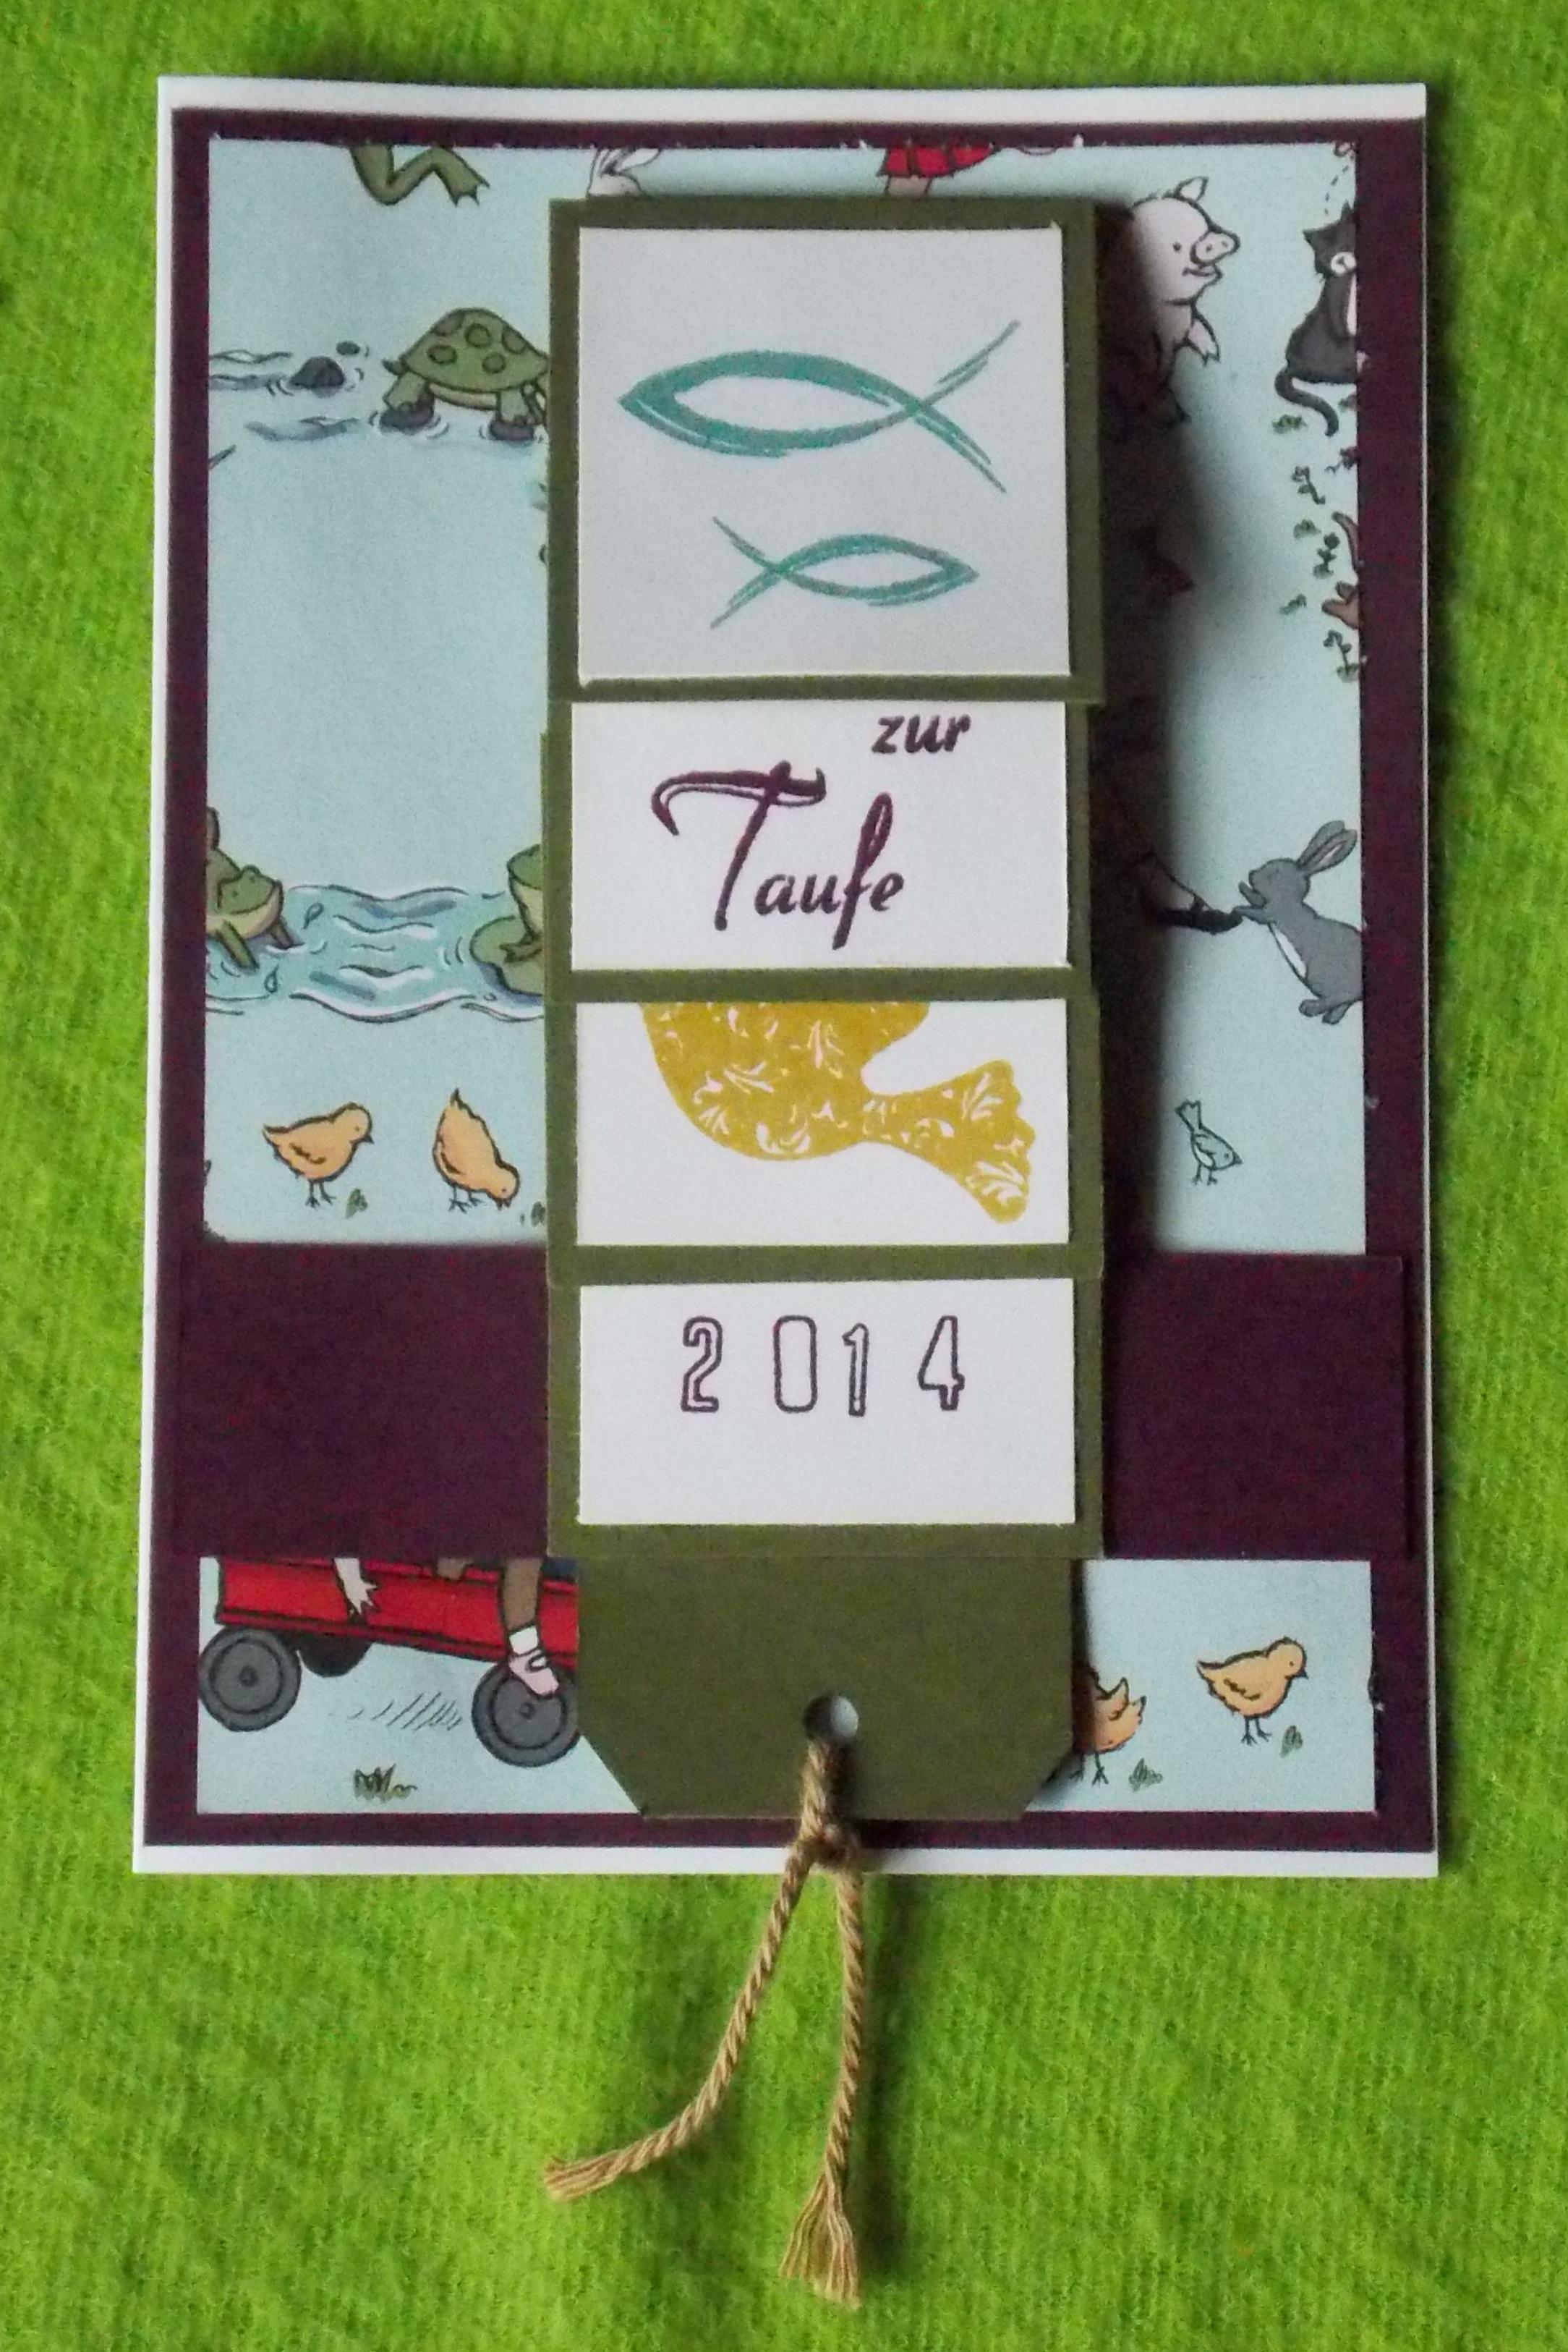 Wasserfallkarte zur taufe kerstins kartenwerkstatt for Garderobe zur taufe